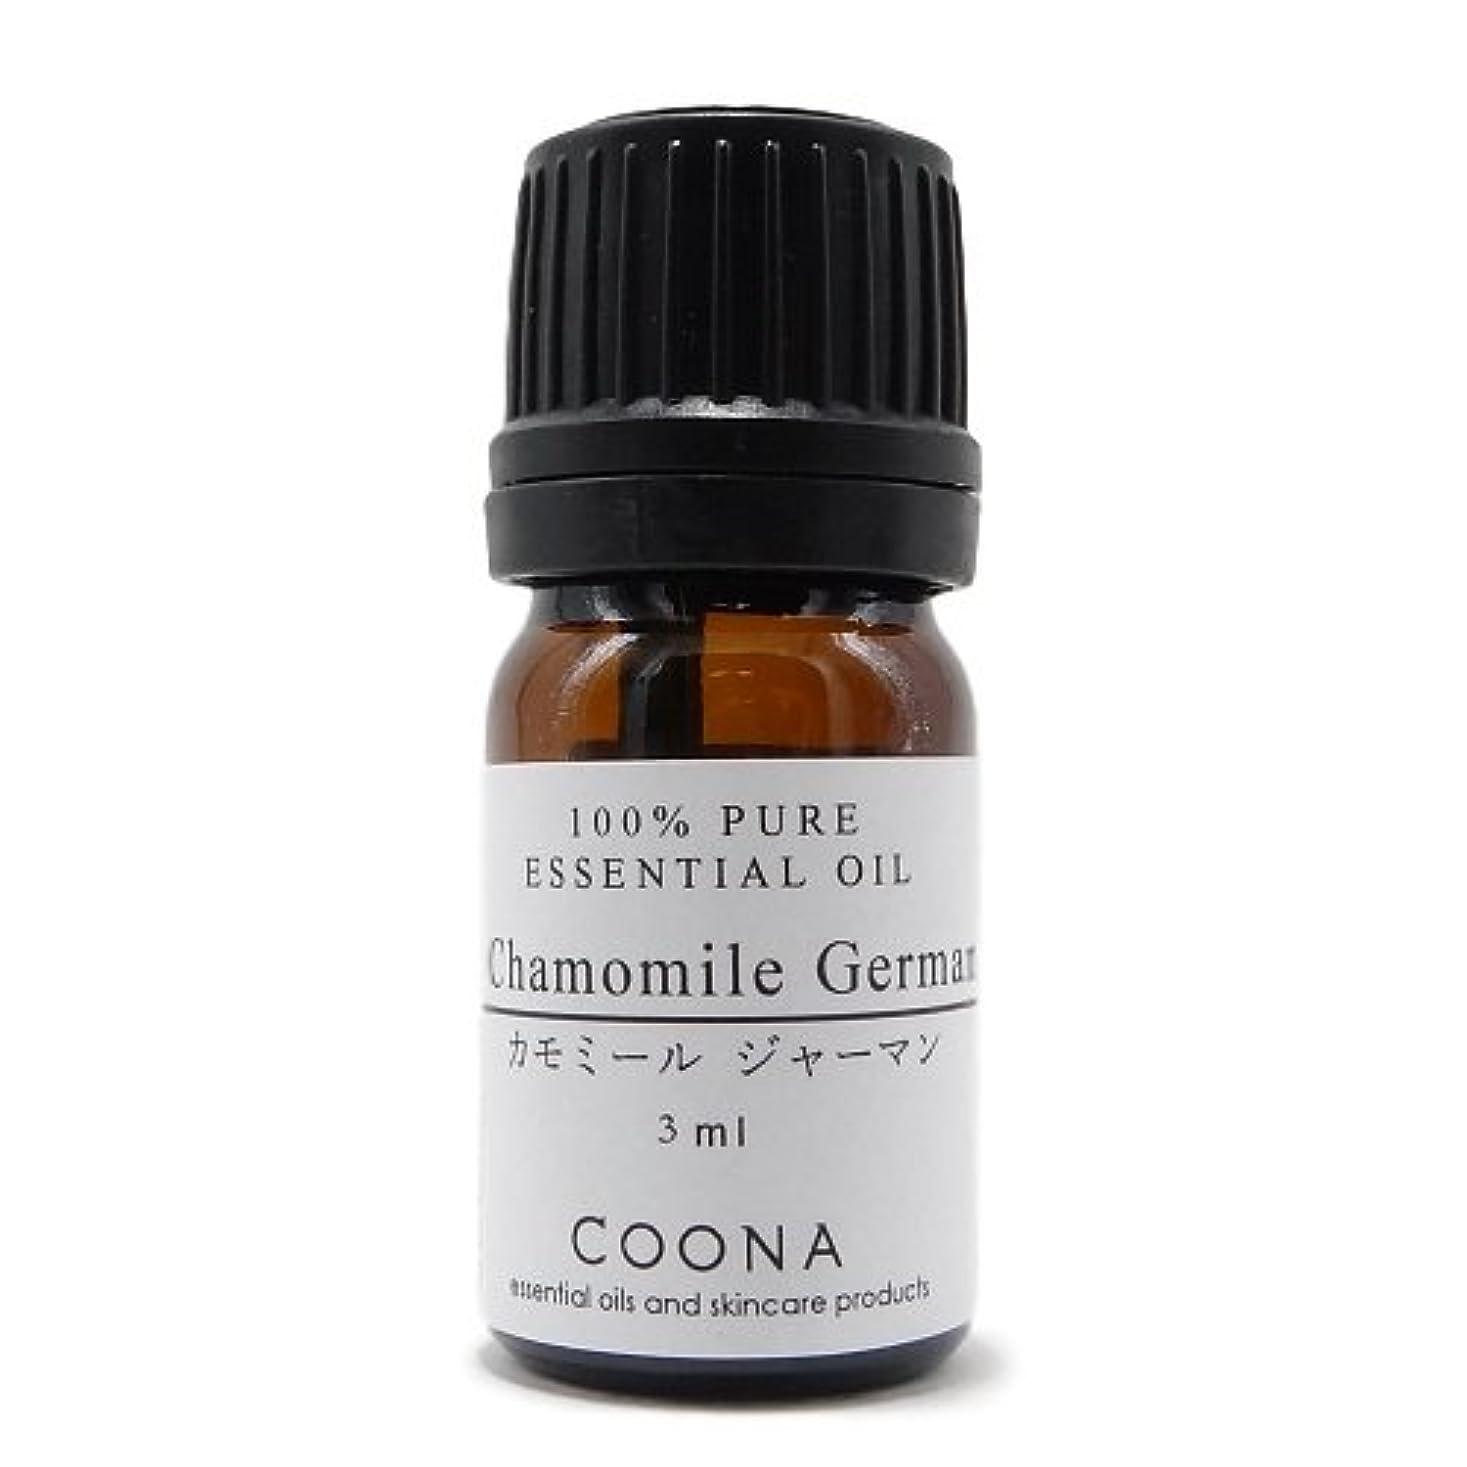 純粋なナインへ同化するカモミール ジャーマン 3 ml (COONA エッセンシャルオイル アロマオイル 100% 天然植物精油)